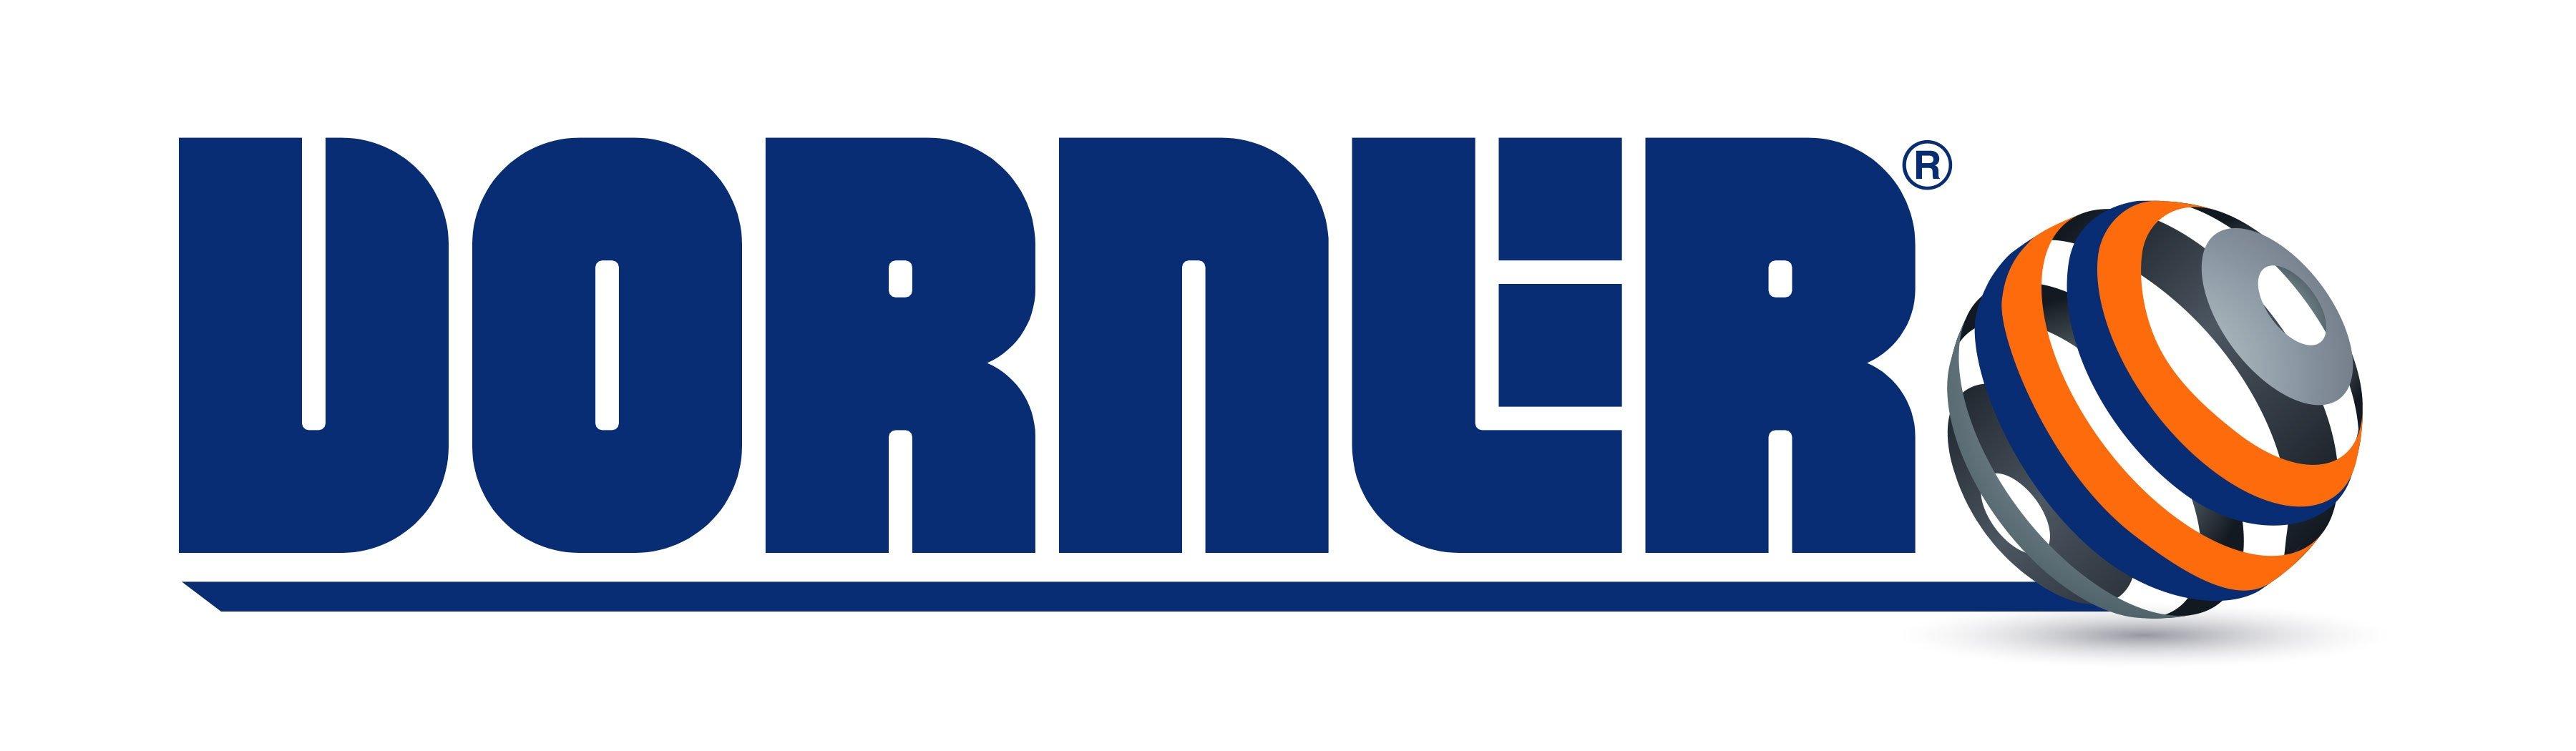 Dorner_new logo.jpg